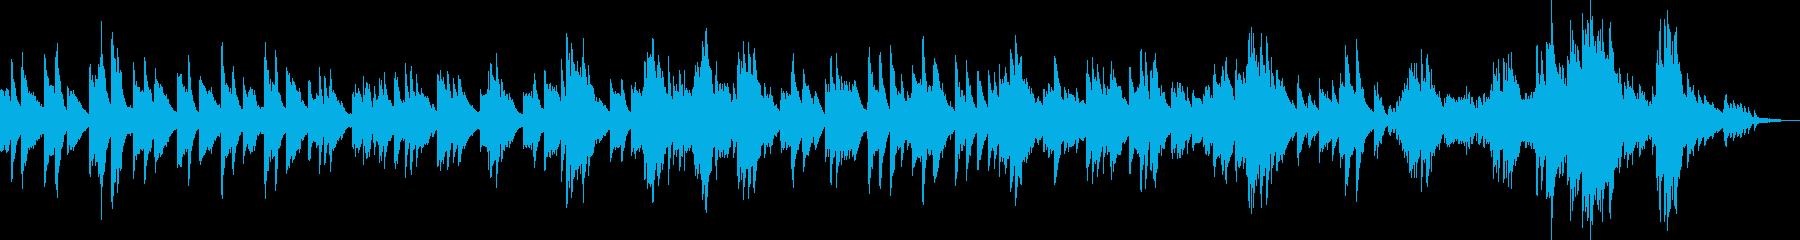 暗く悲しい過去(ピアノソロ)の再生済みの波形